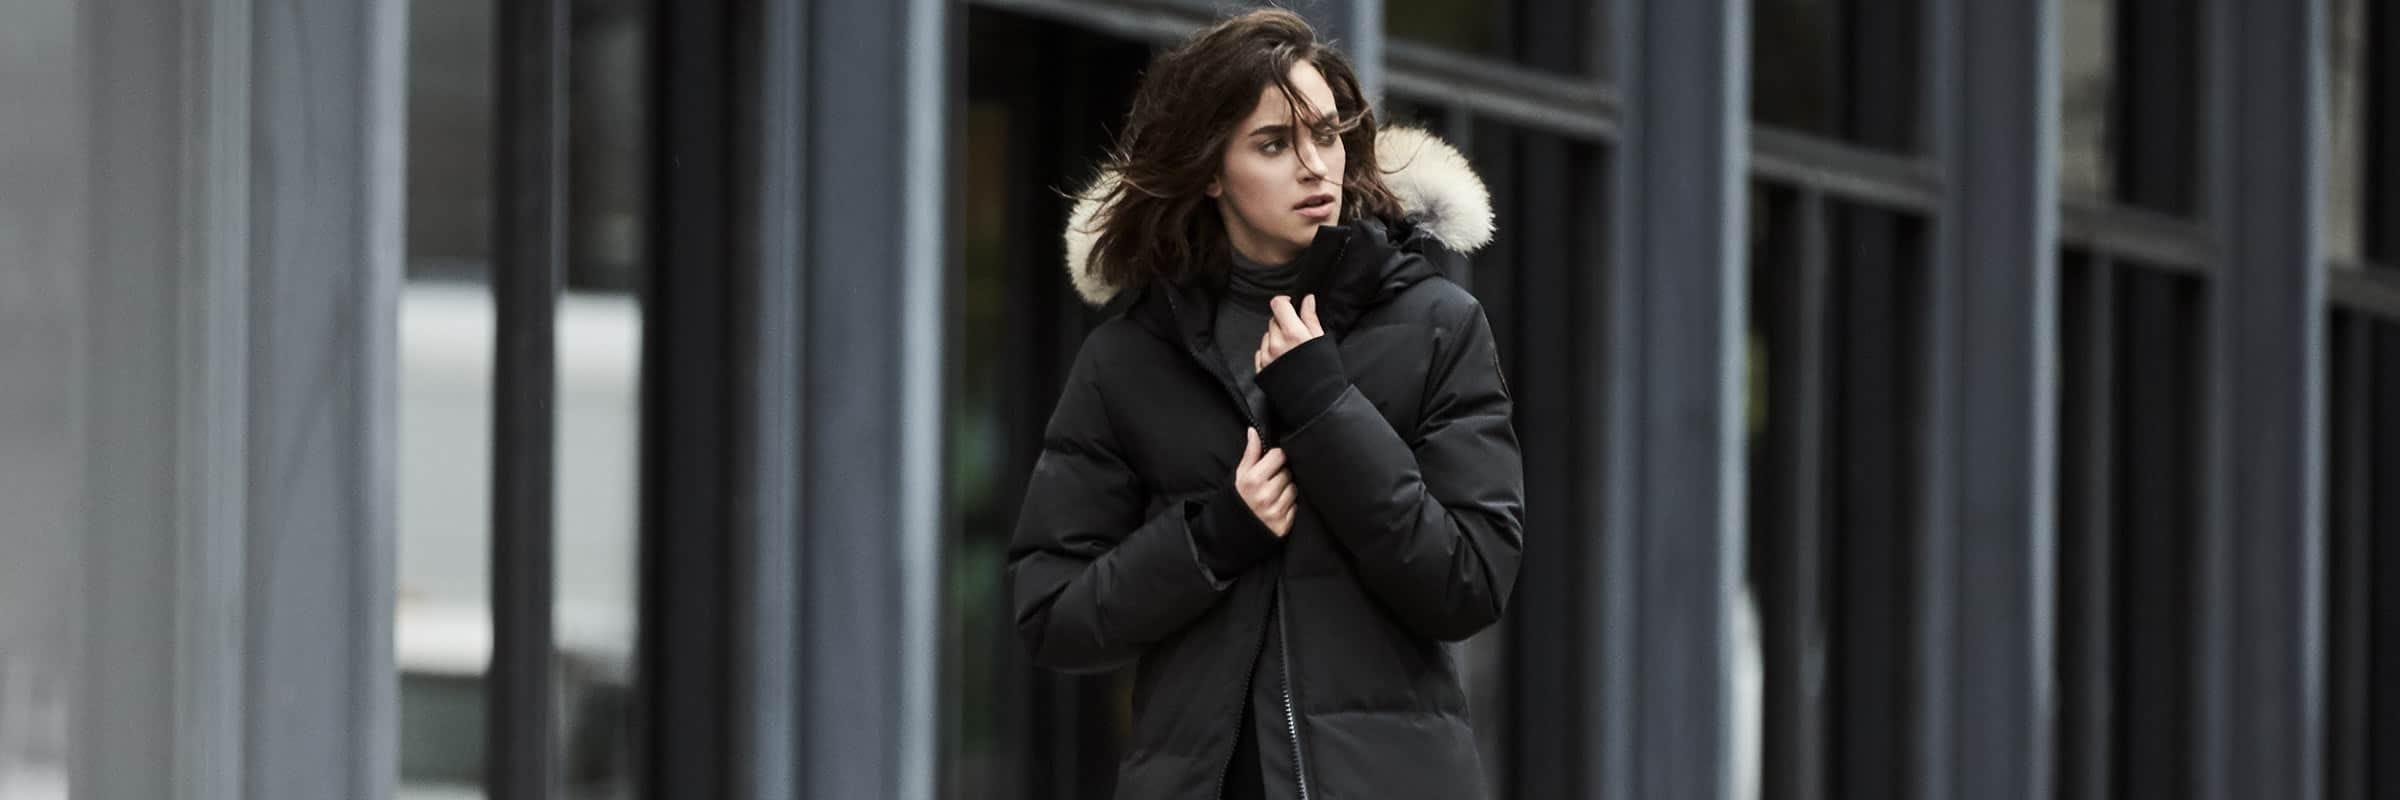 Comment nettoyer votre manteau en duvet